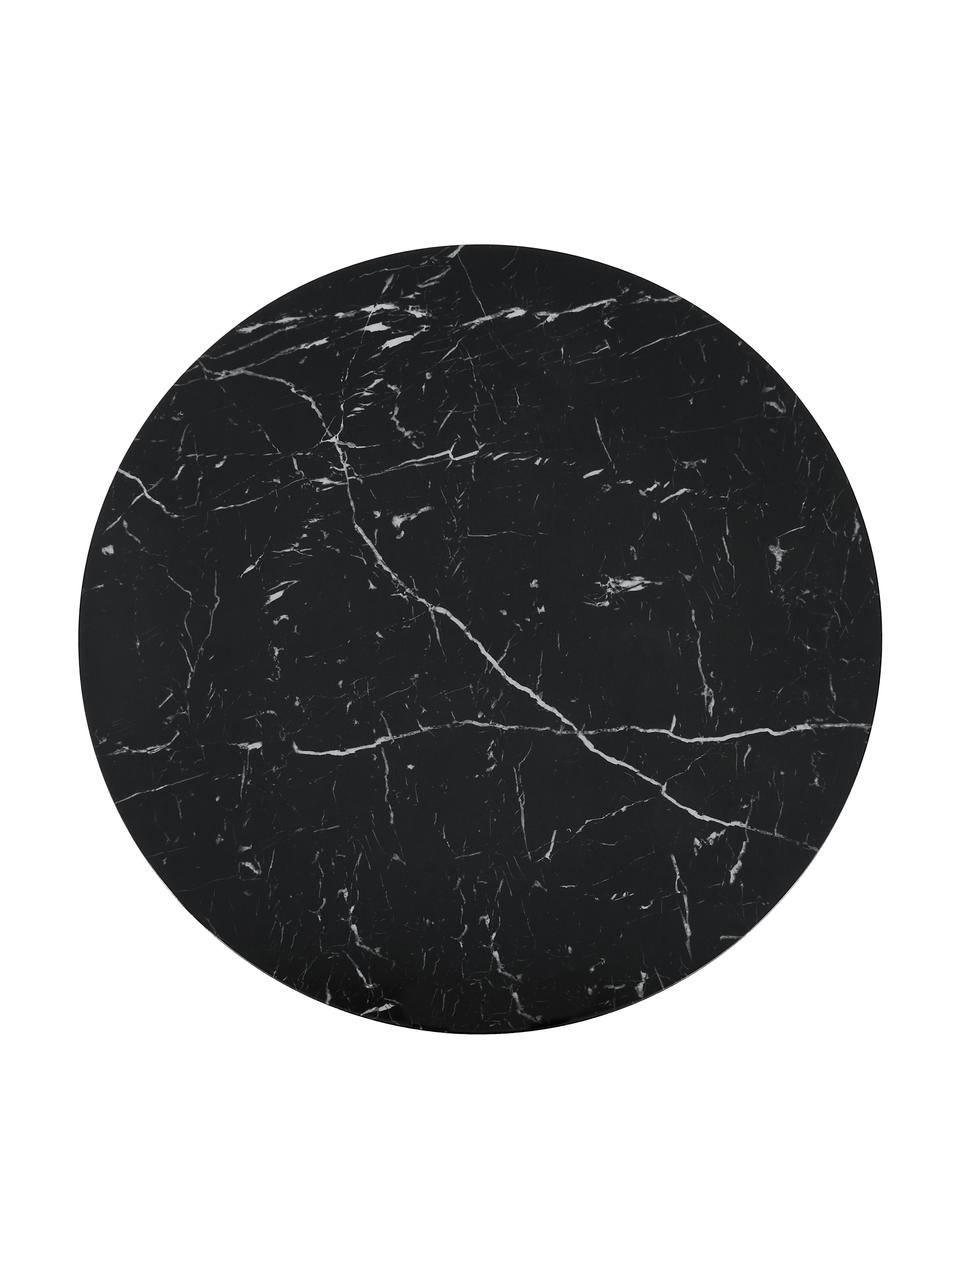 Runder Esstisch Karla in Marmoroptik, Ø 90 cm, Tischplatte: Mitteldichte Holzfaserpla, Schwarz in Marmor-Optik, ∅ 90 x H 75 cm